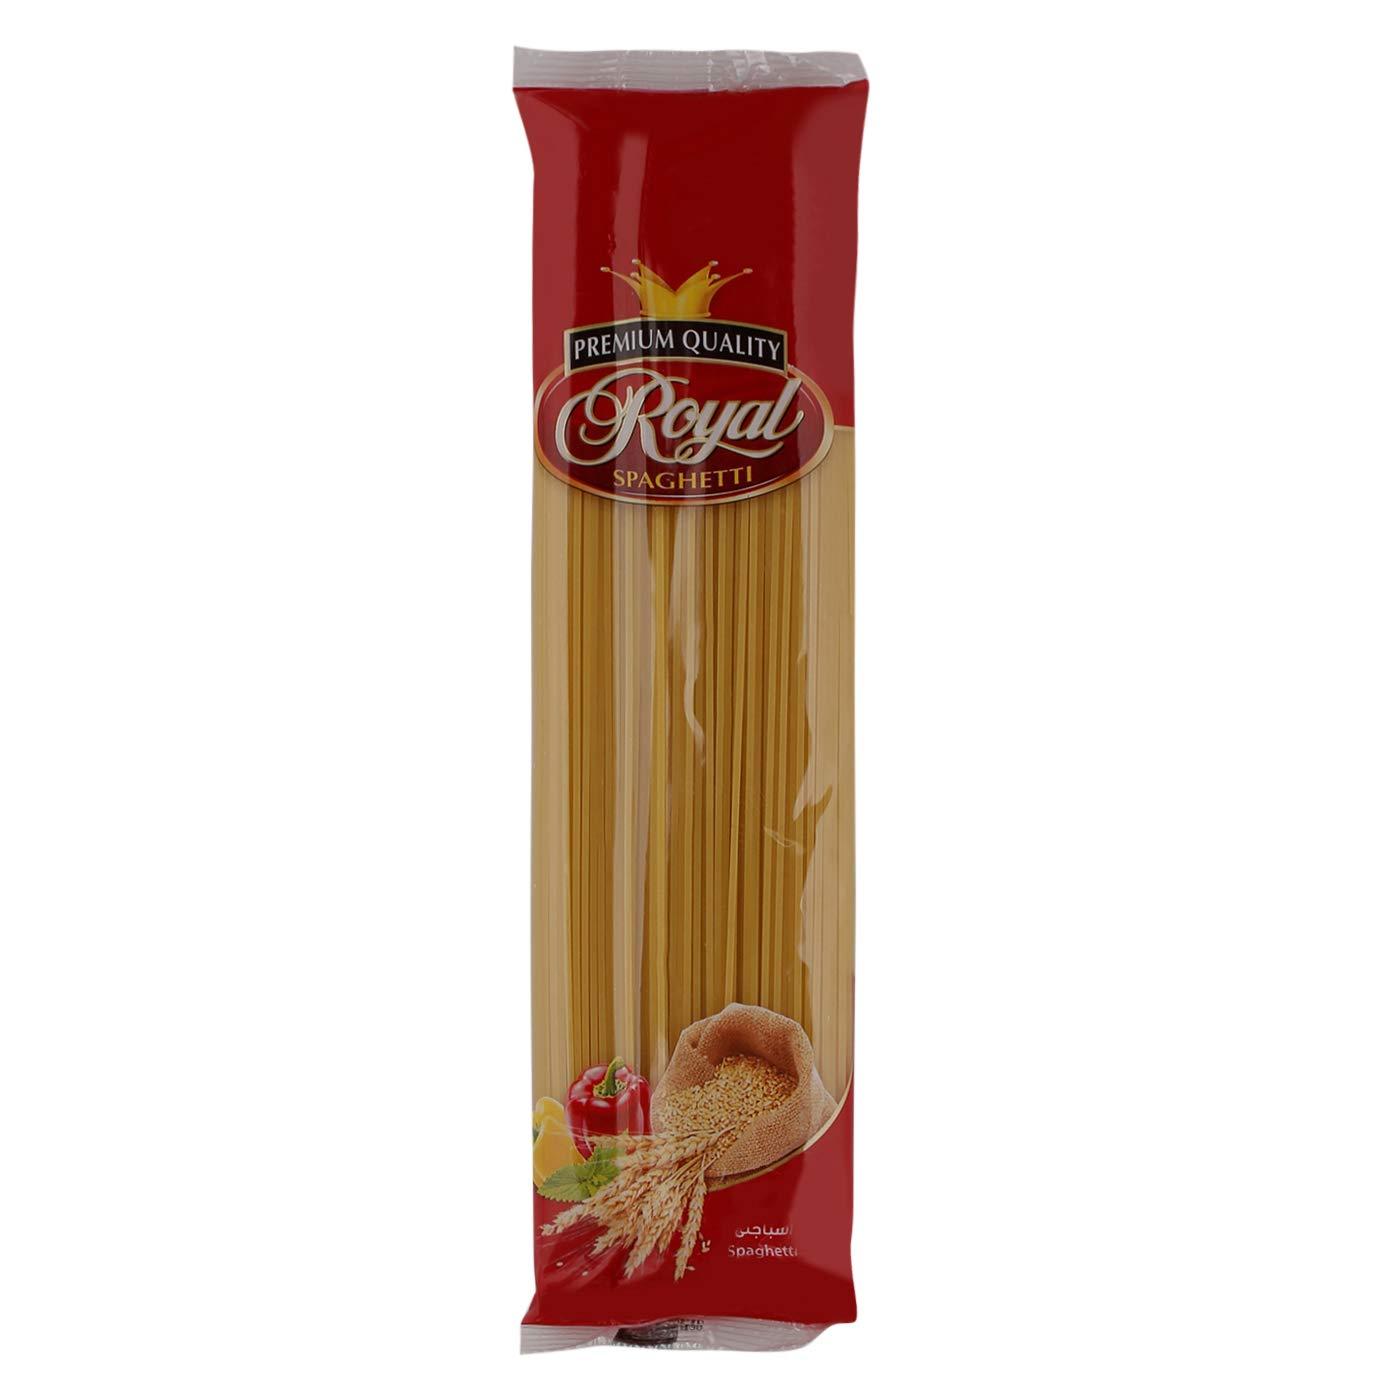 Royal Premium Quality Spaghetti, 400 gm